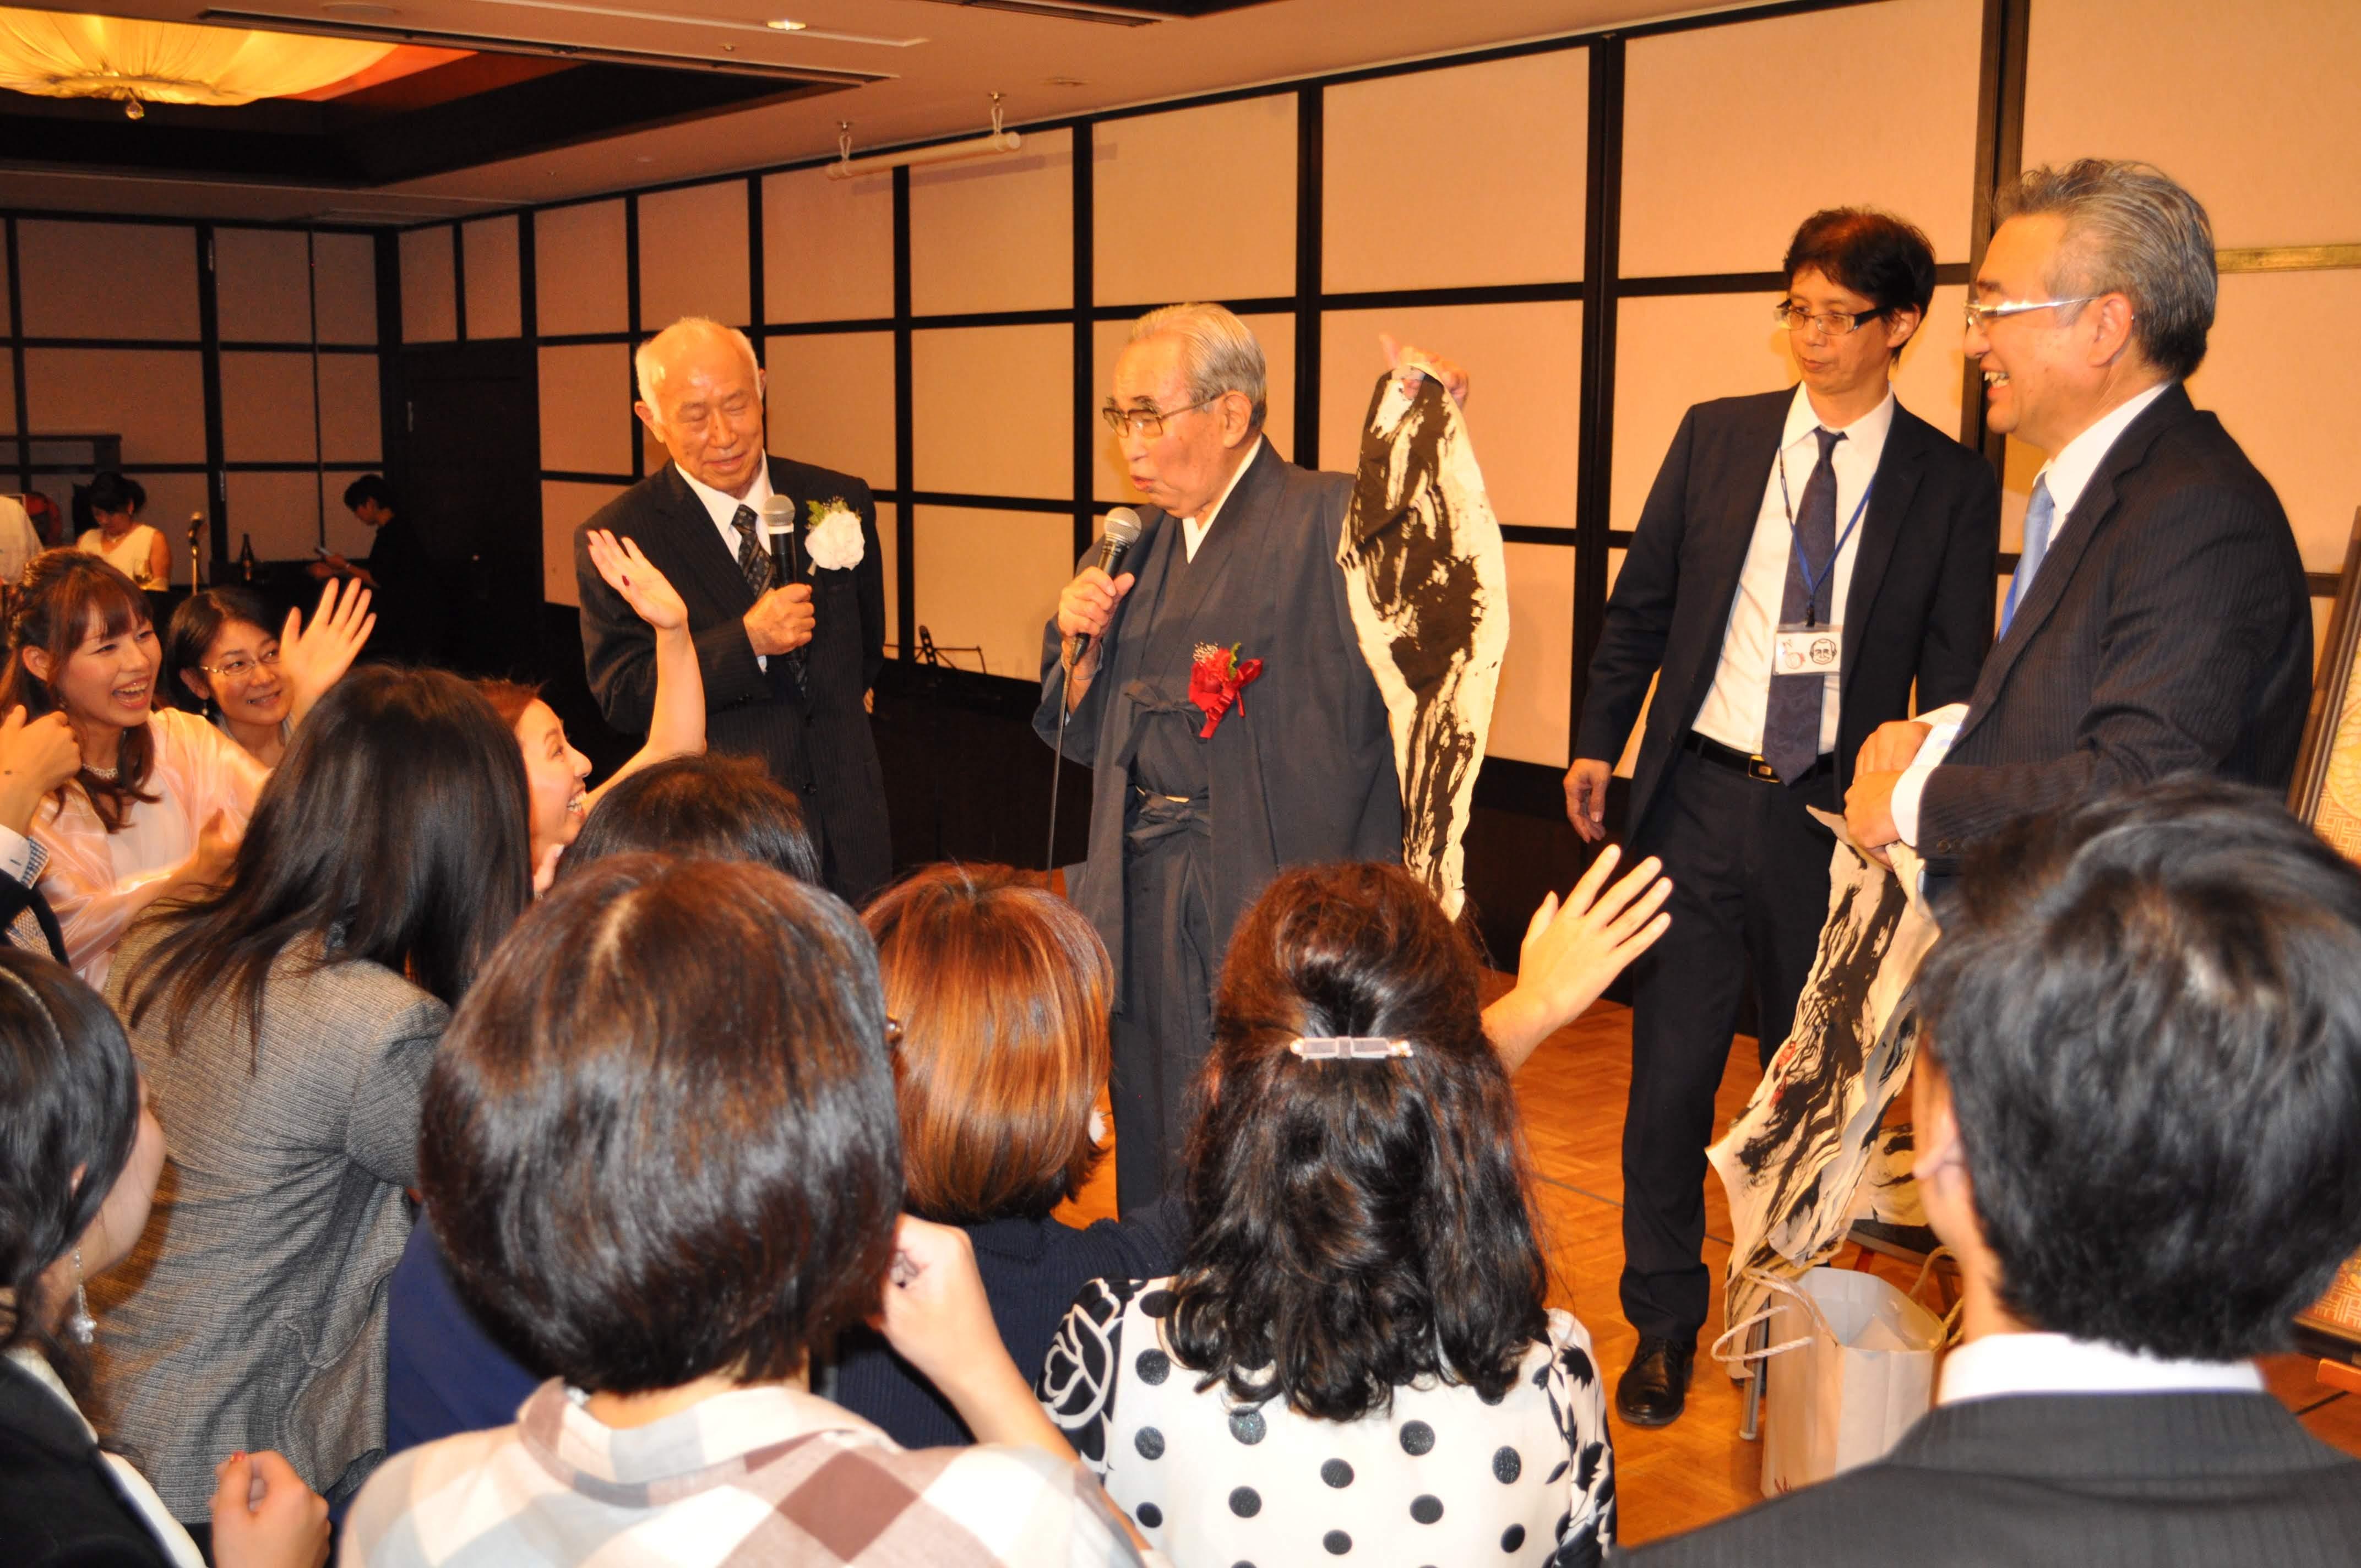 DSC 0572 1 - 思風会全国大会in広島